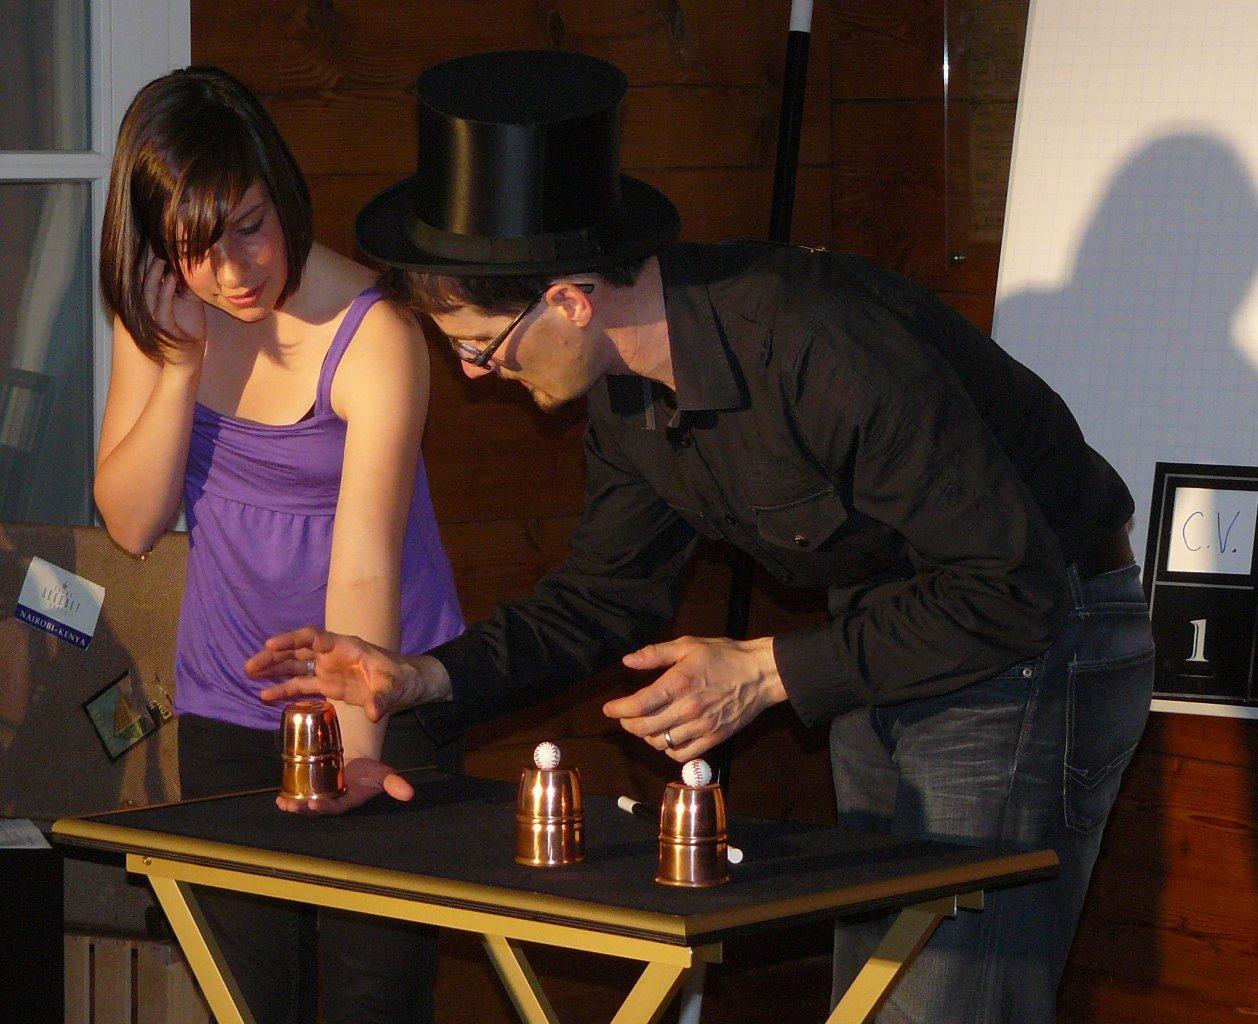 Ostschweizer Zauberkünstler Magic Dean beim Becherspiel